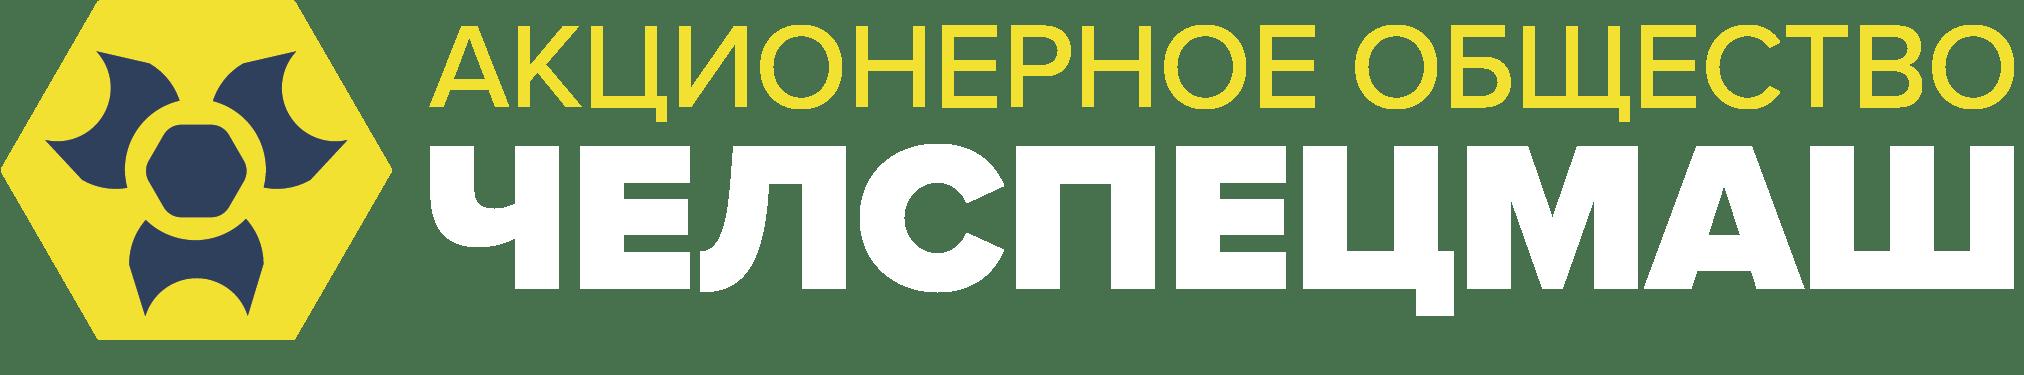 АО Челспецмаш - российский производитель систем радиоскопии и рентгеновского контроля